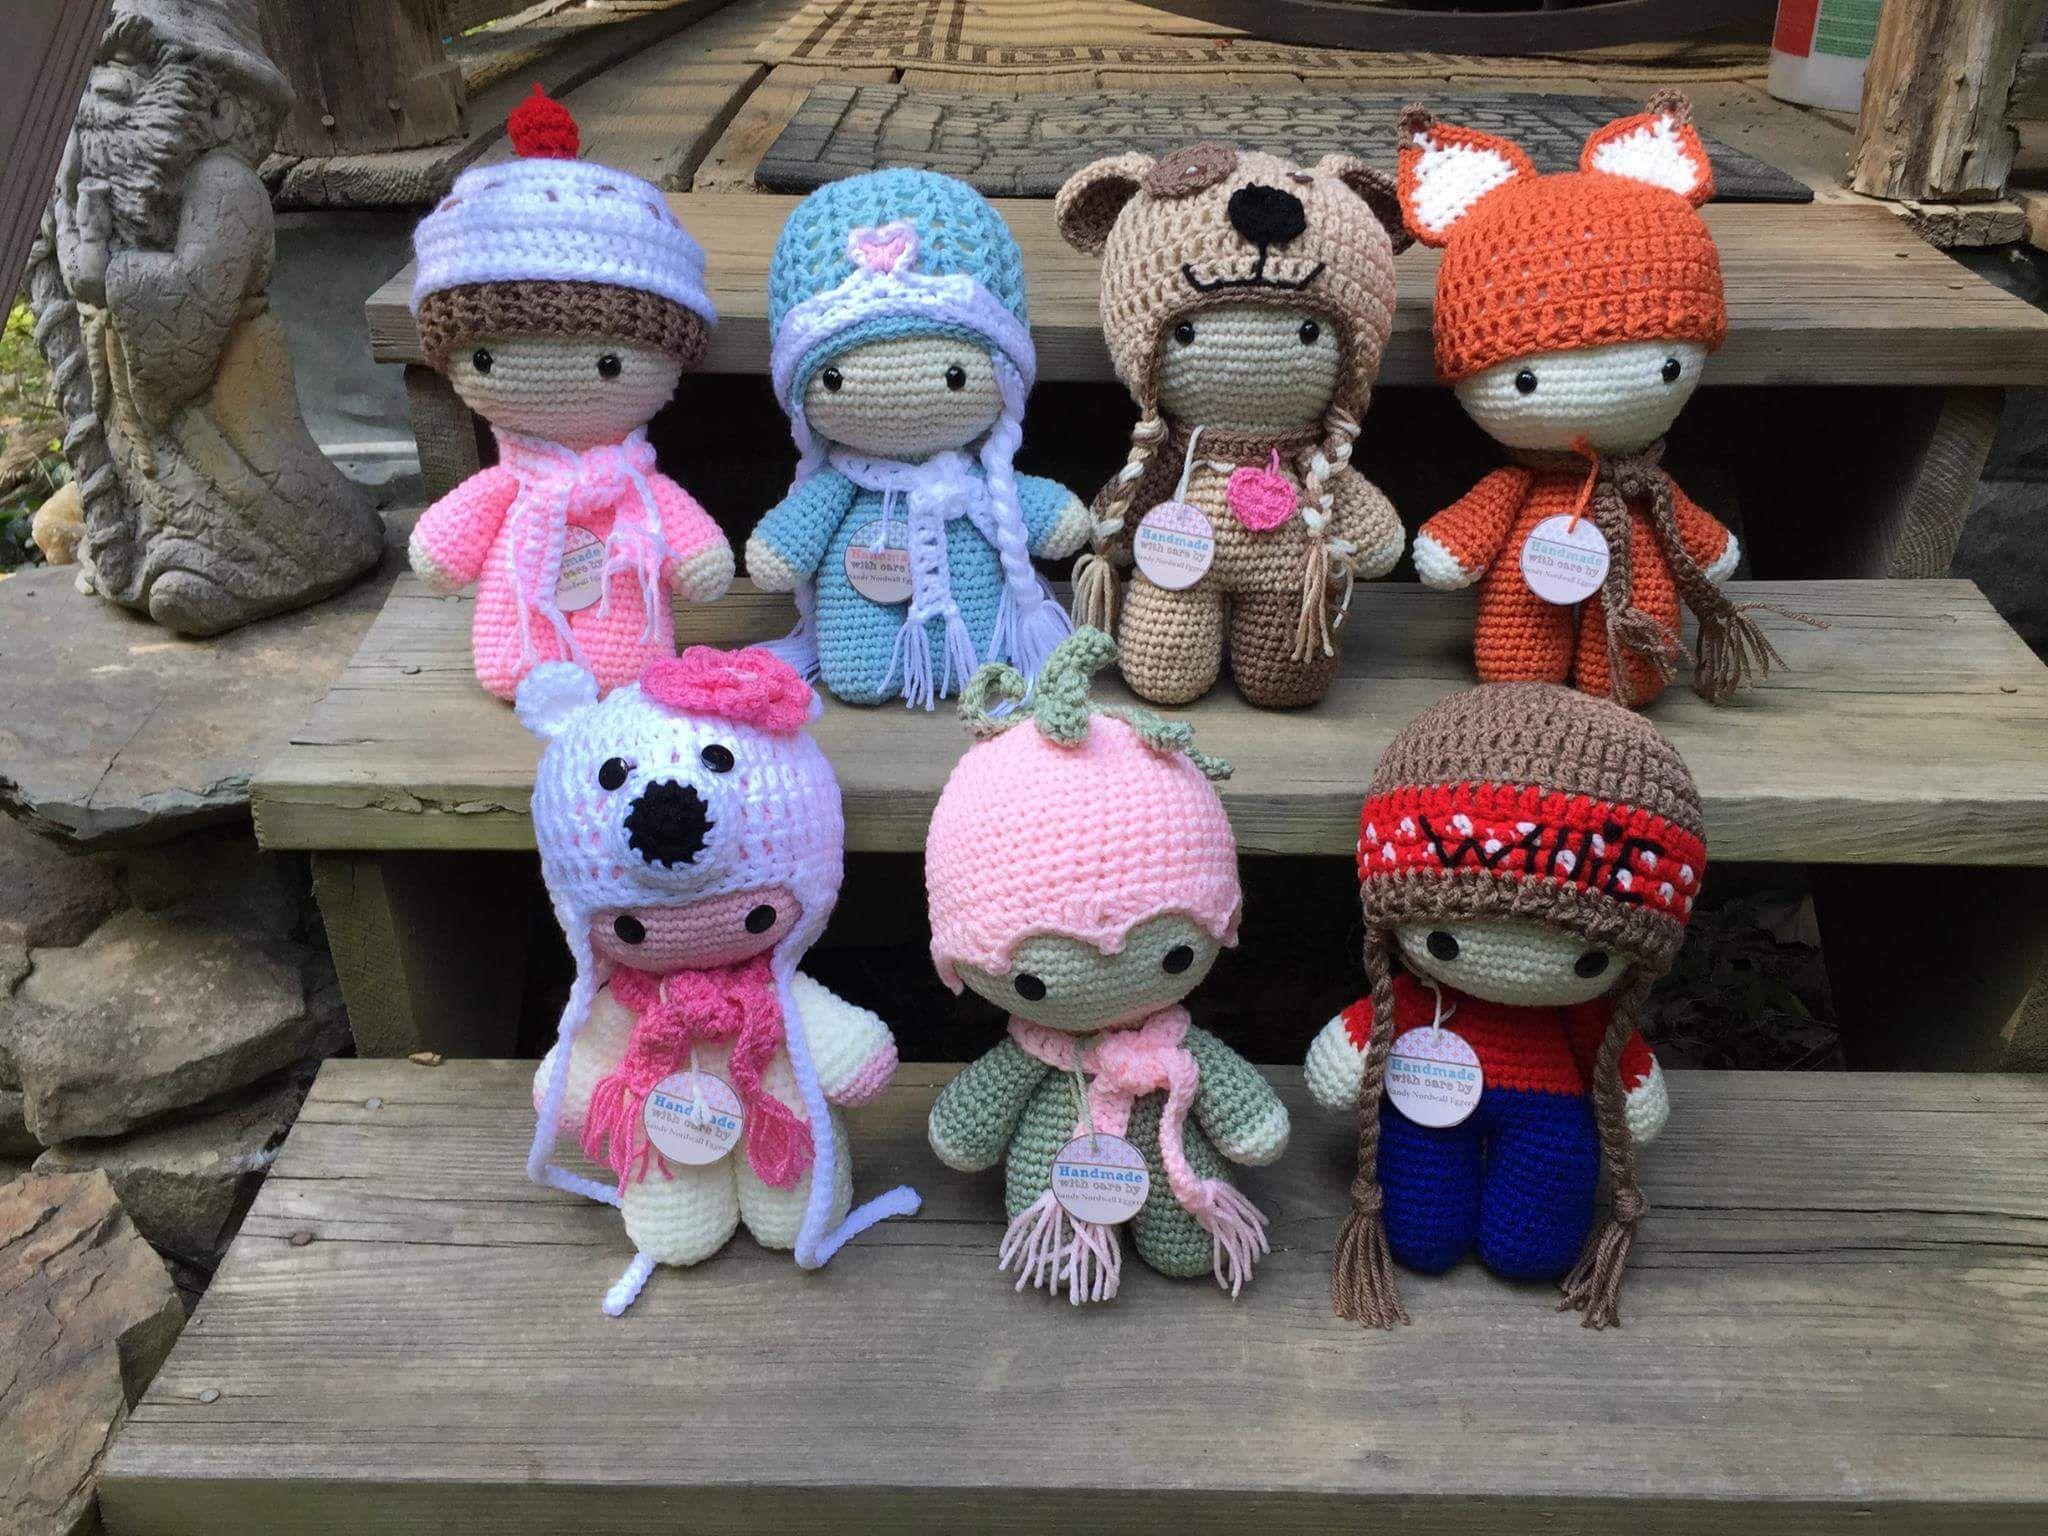 Sui gruppi americani di crochet tutti vanno matti per questa bambola ...